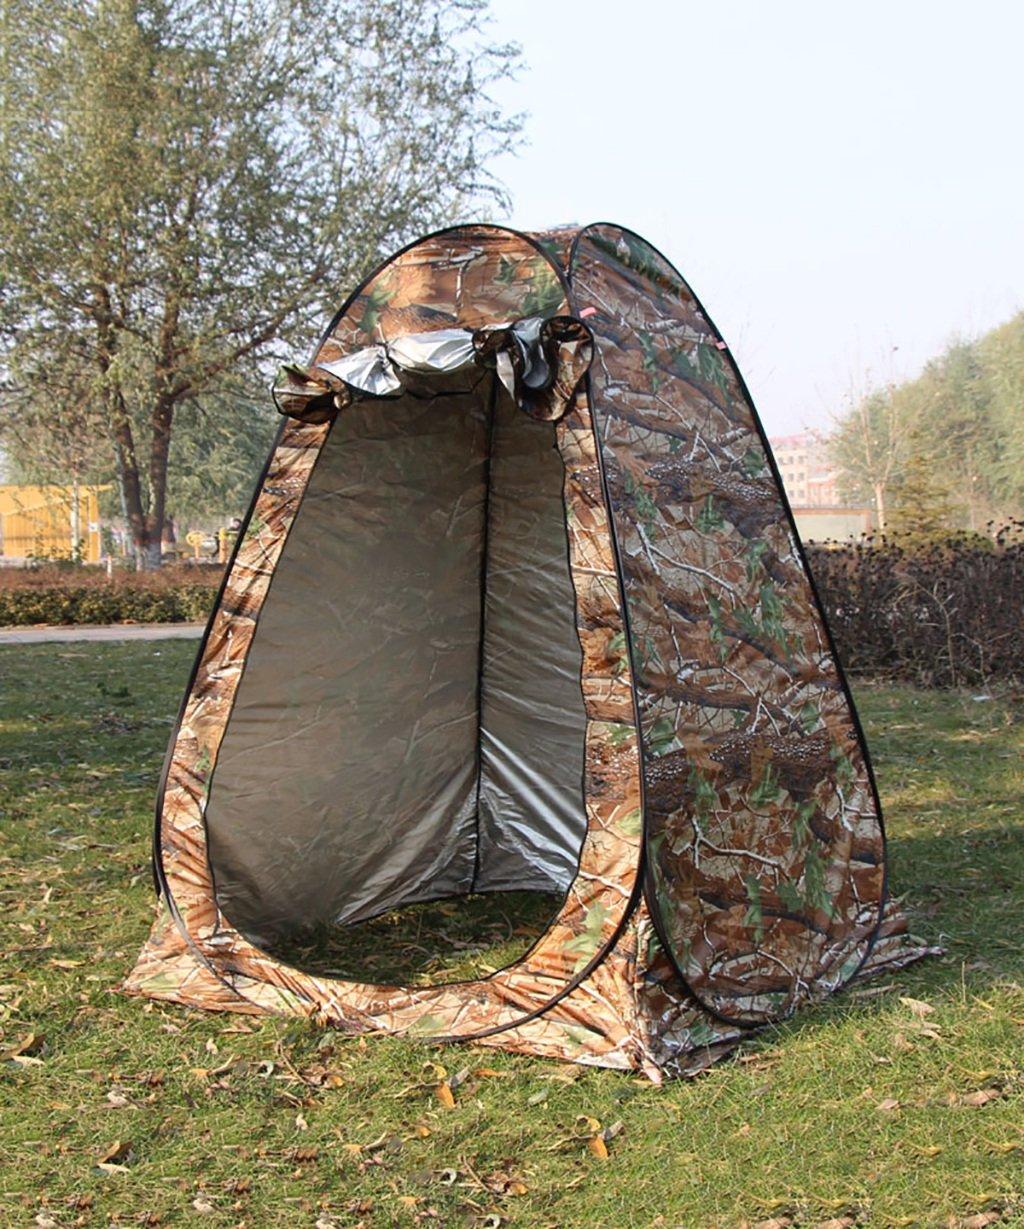 HAIPENG Outdoor Bad Wechselnde Kleidung Zelt Warmzelte Mobile Toilettenzelte 120  120  190cm